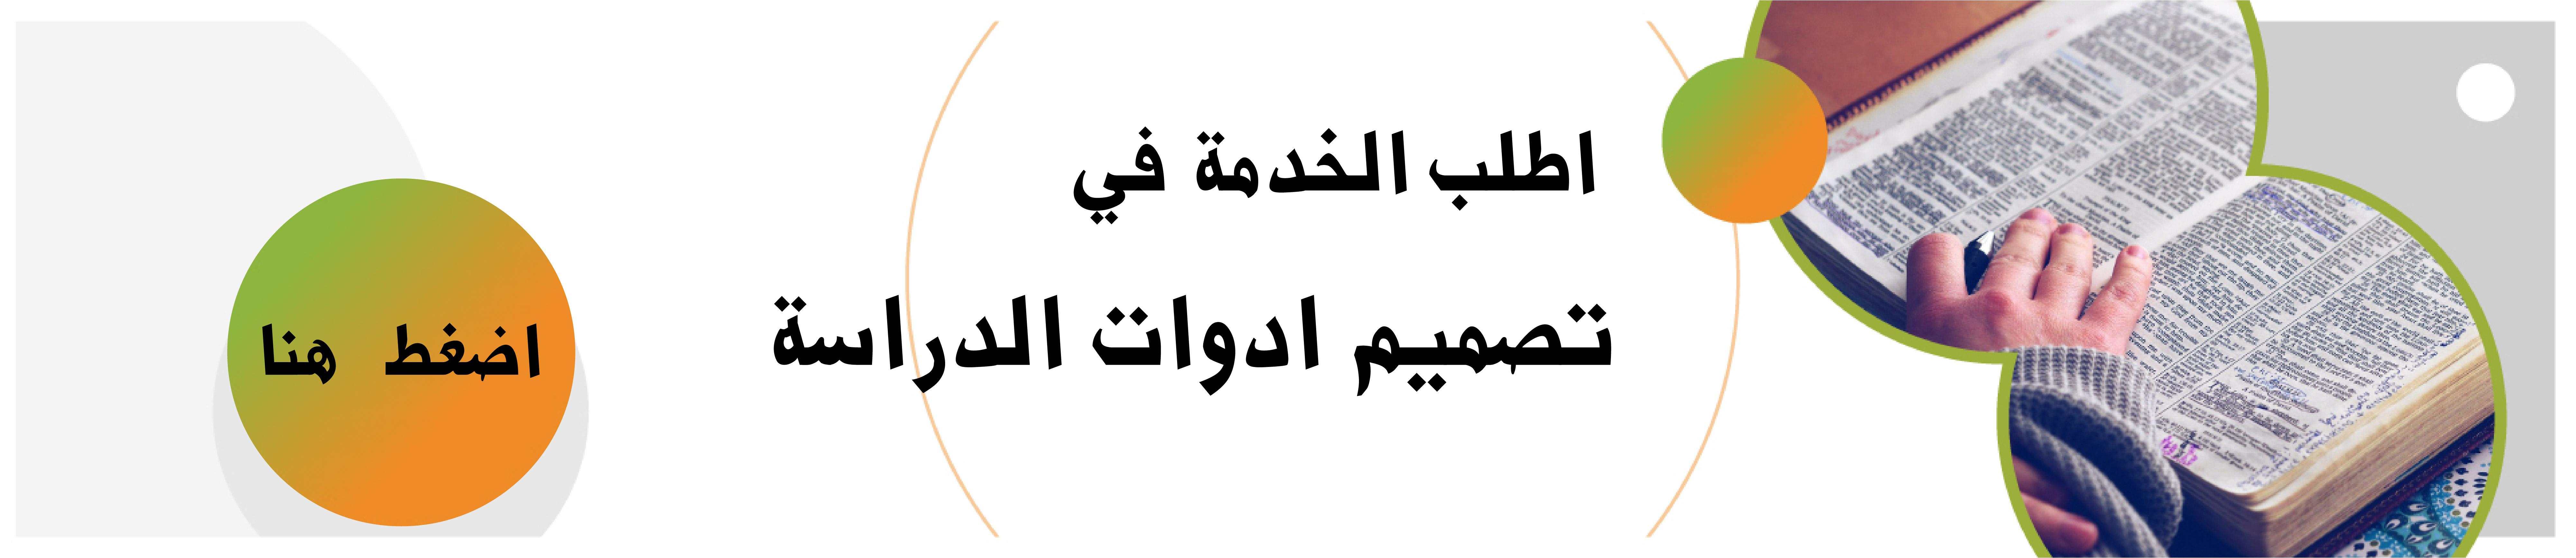 التربية الاسلامية واستراتيجيات تدريسها وتطبيقاتها العملية زليد